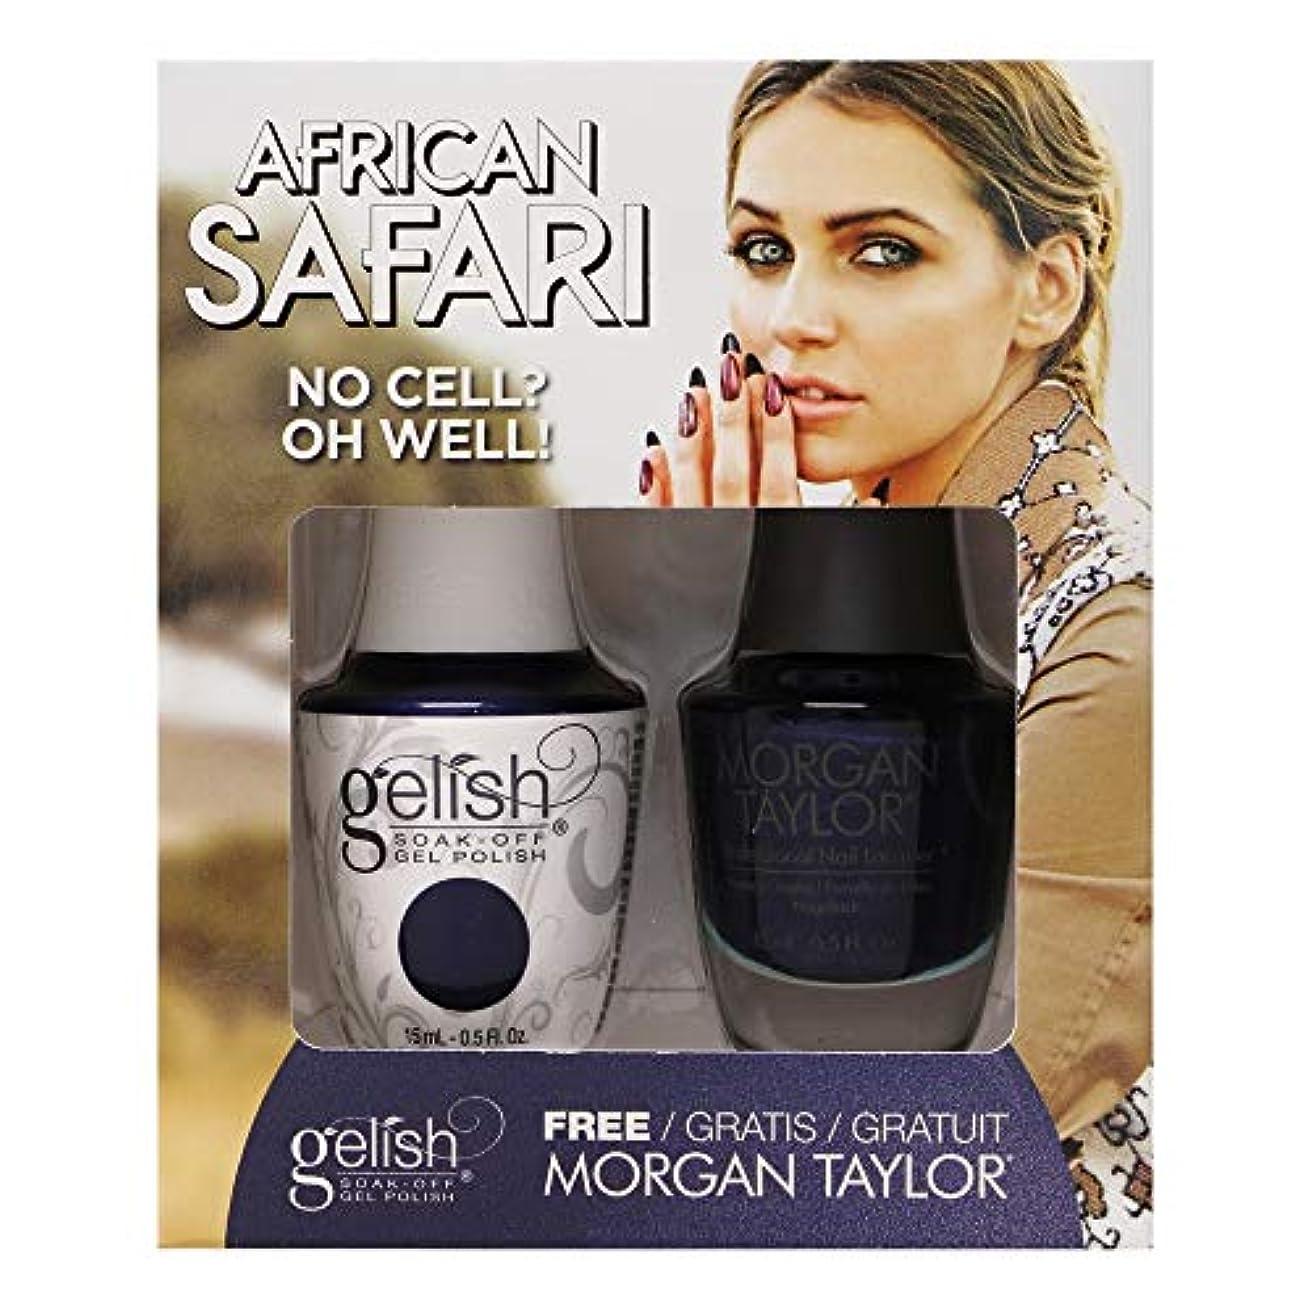 作成する共産主義高速道路Gelish - Two of a Kind - African Safari Collection - No Cell? Oh Well!